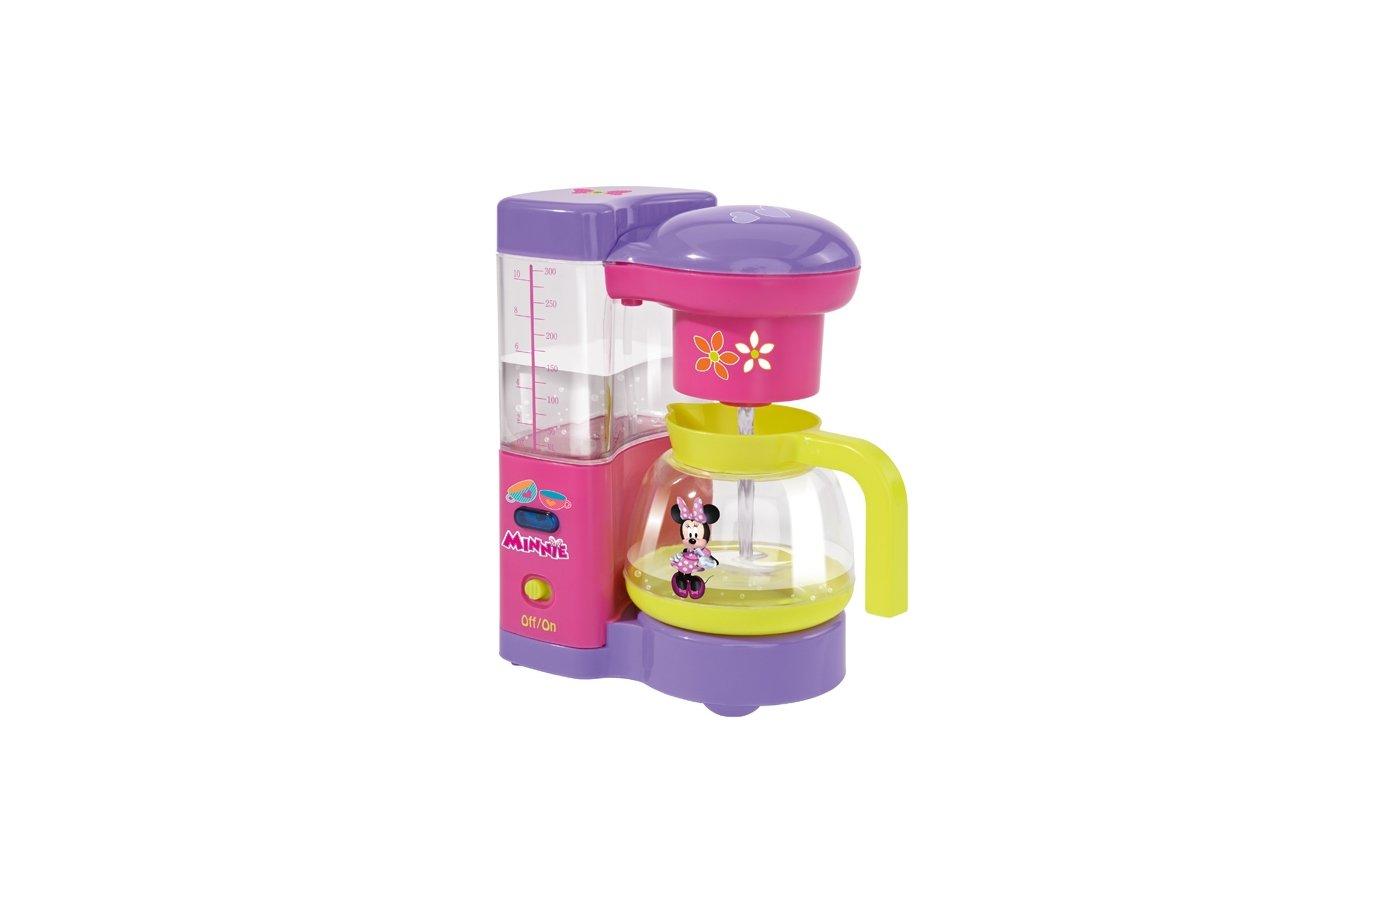 Игрушка SIMBA 4735137 Кофеварка Minnie Mouse